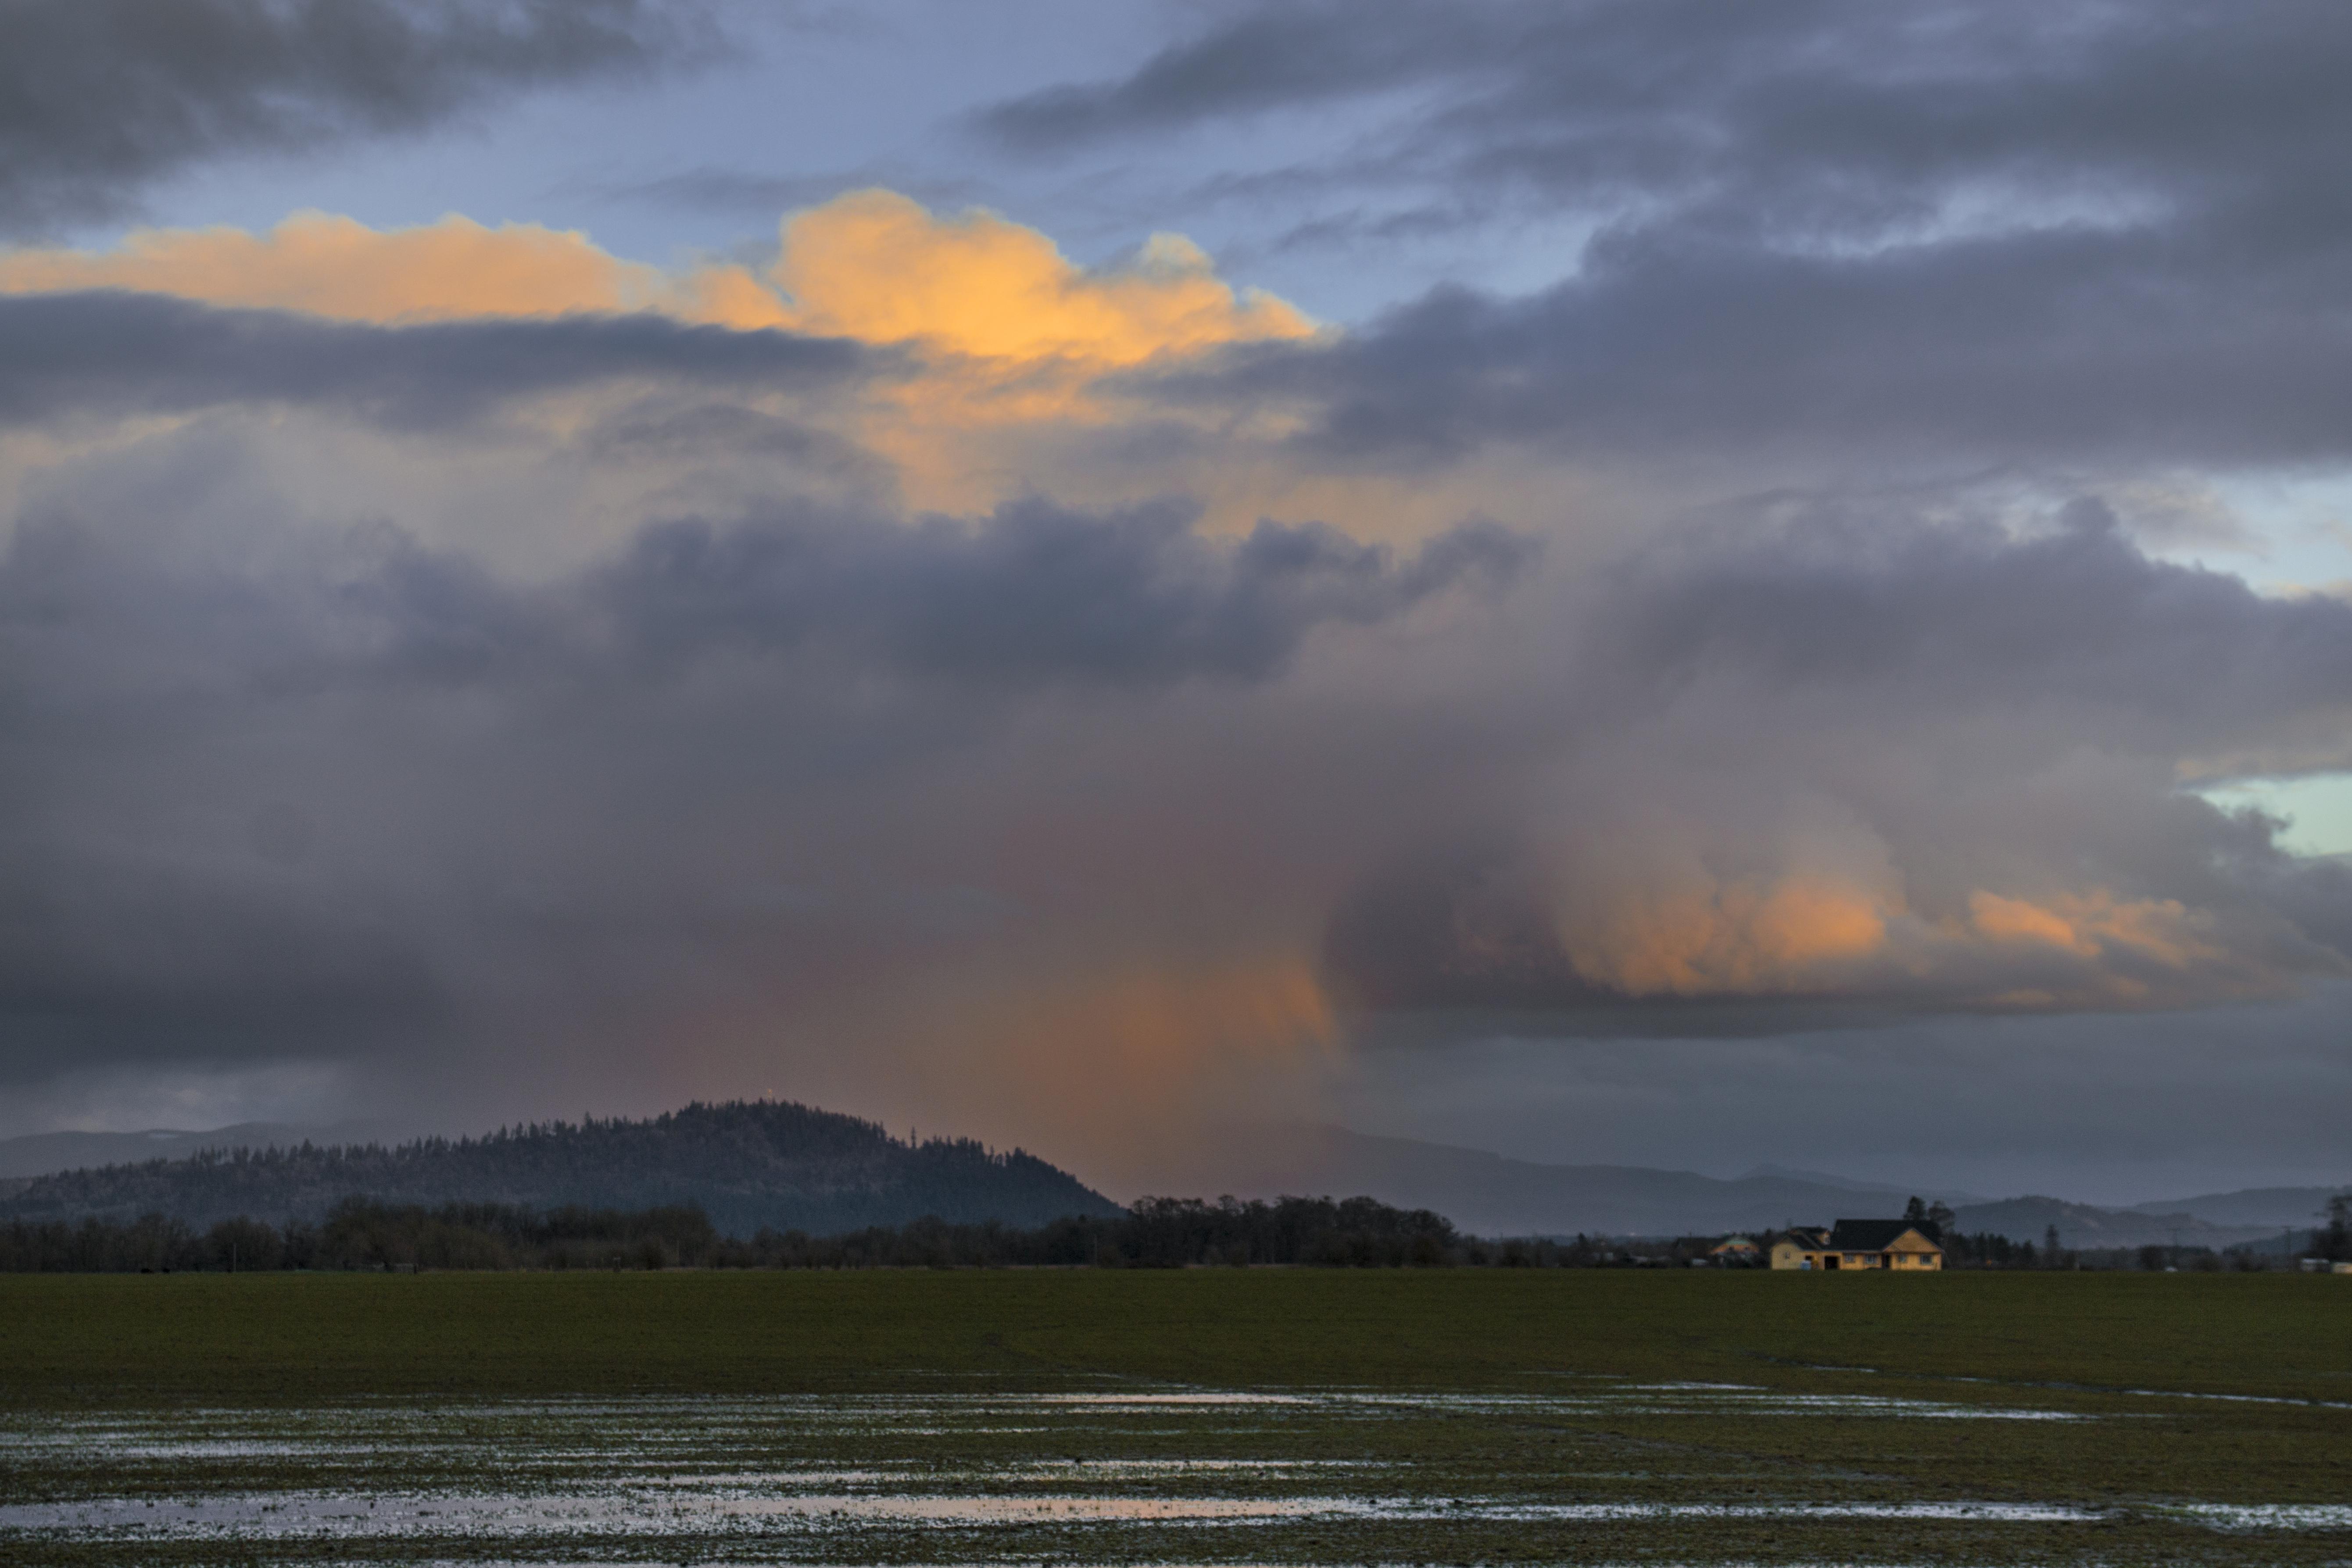 Rain clouds over willamette valley farm, oregon photo